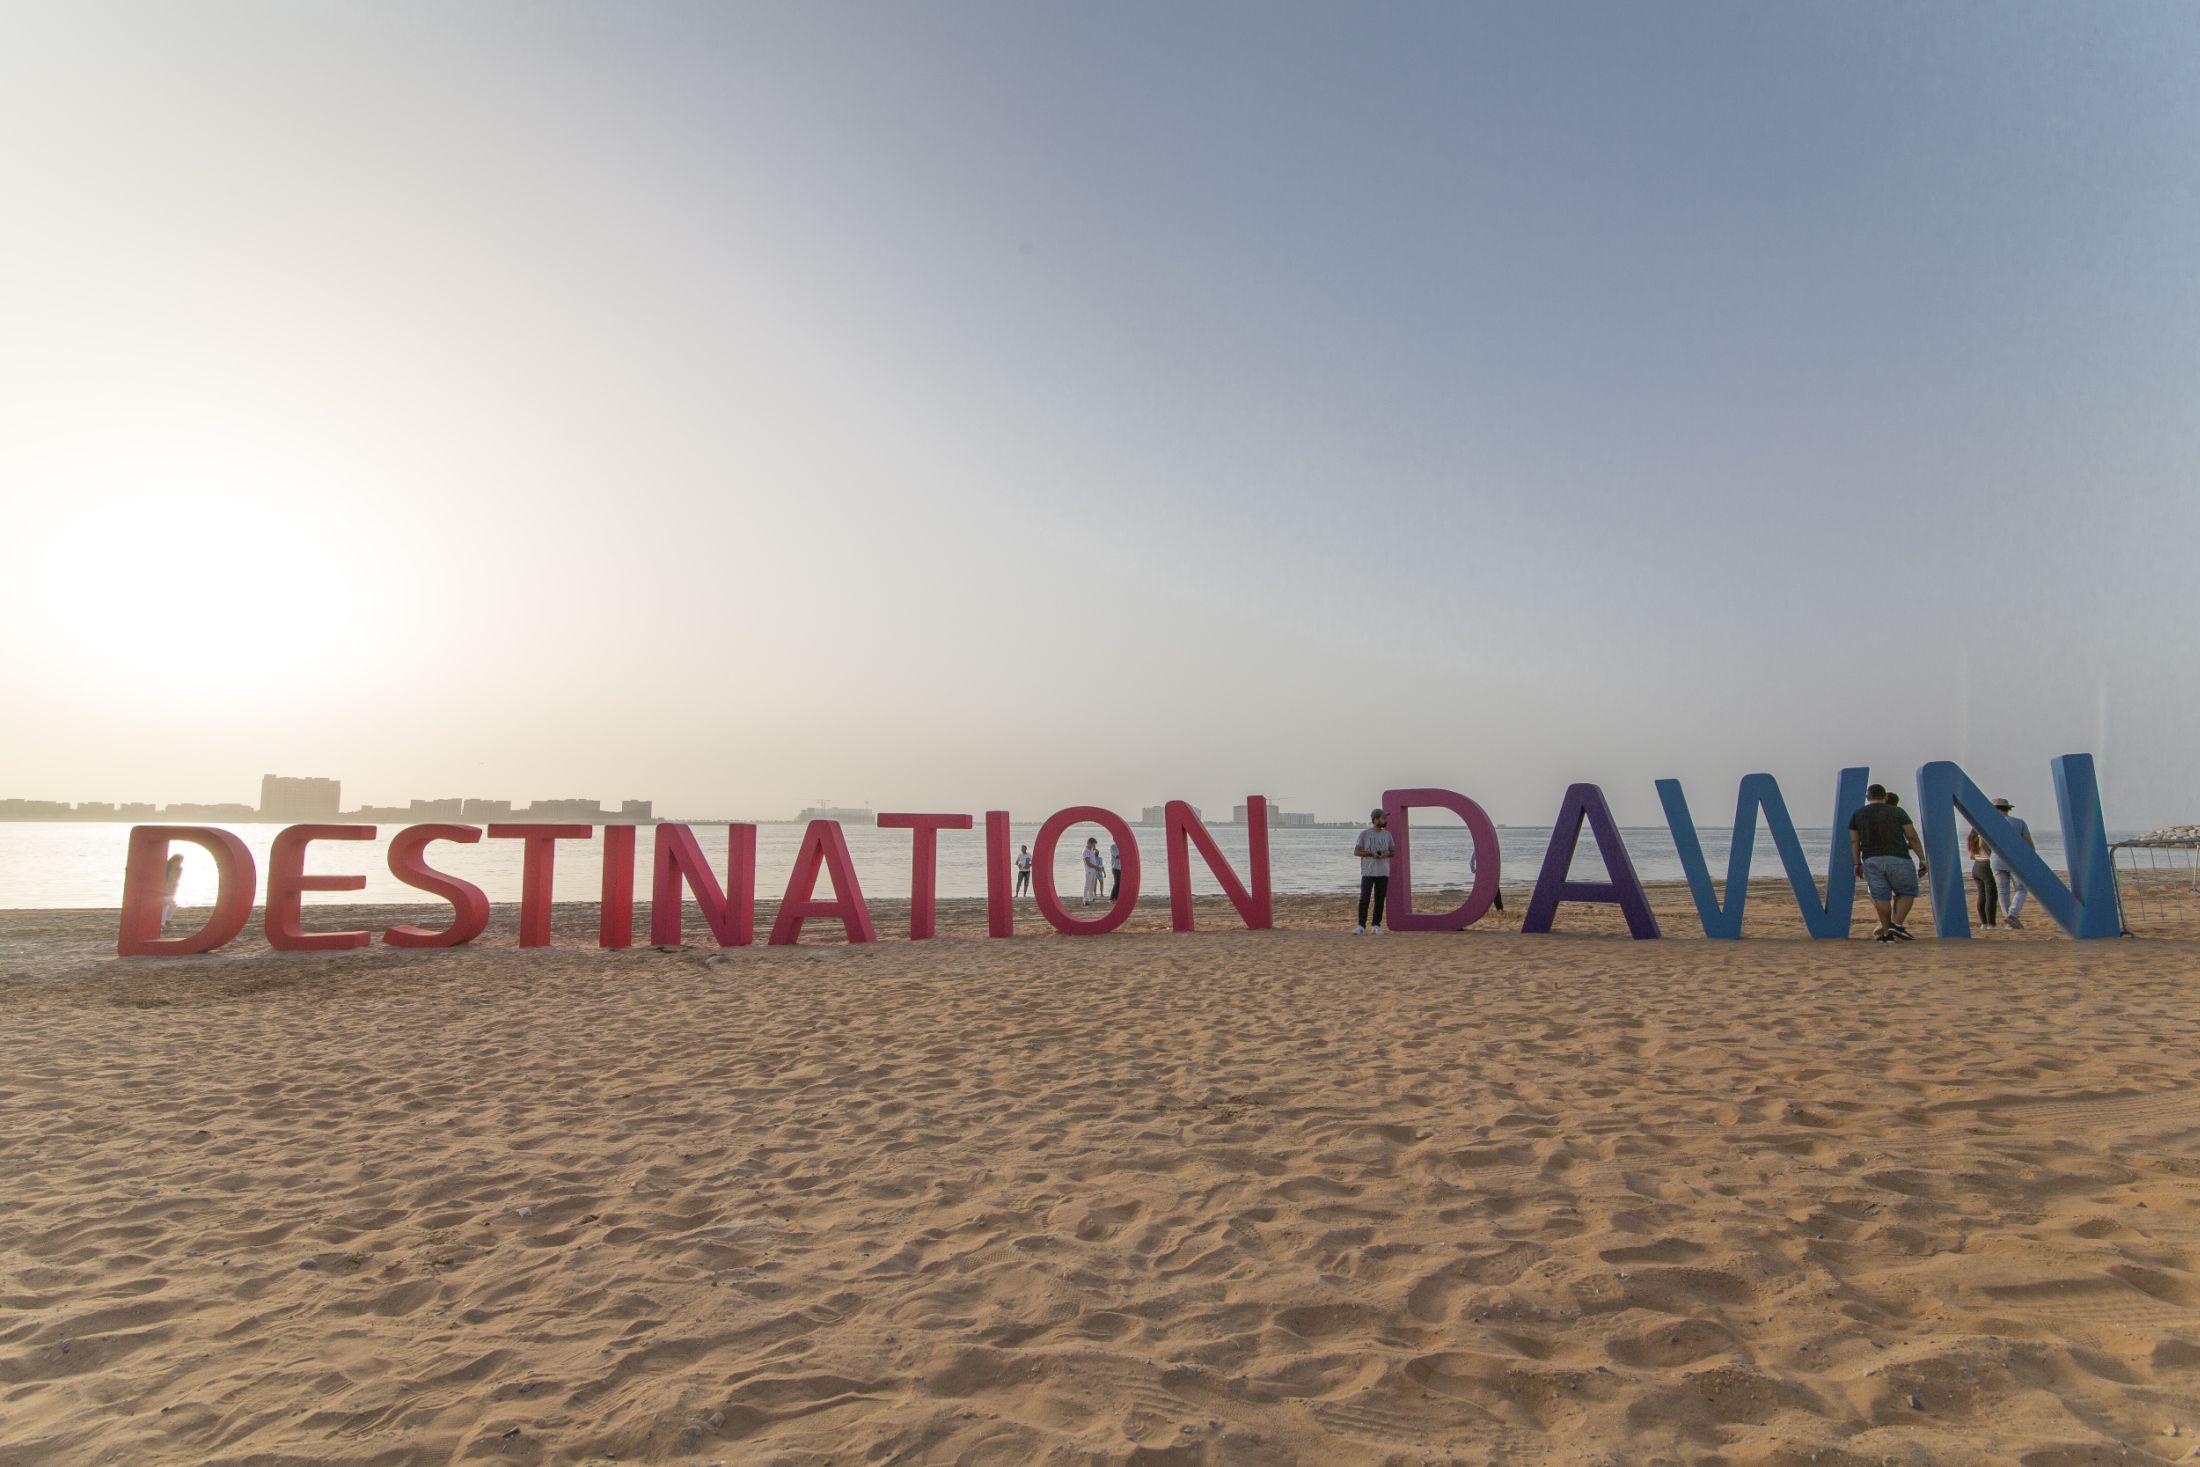 Destination Dawn